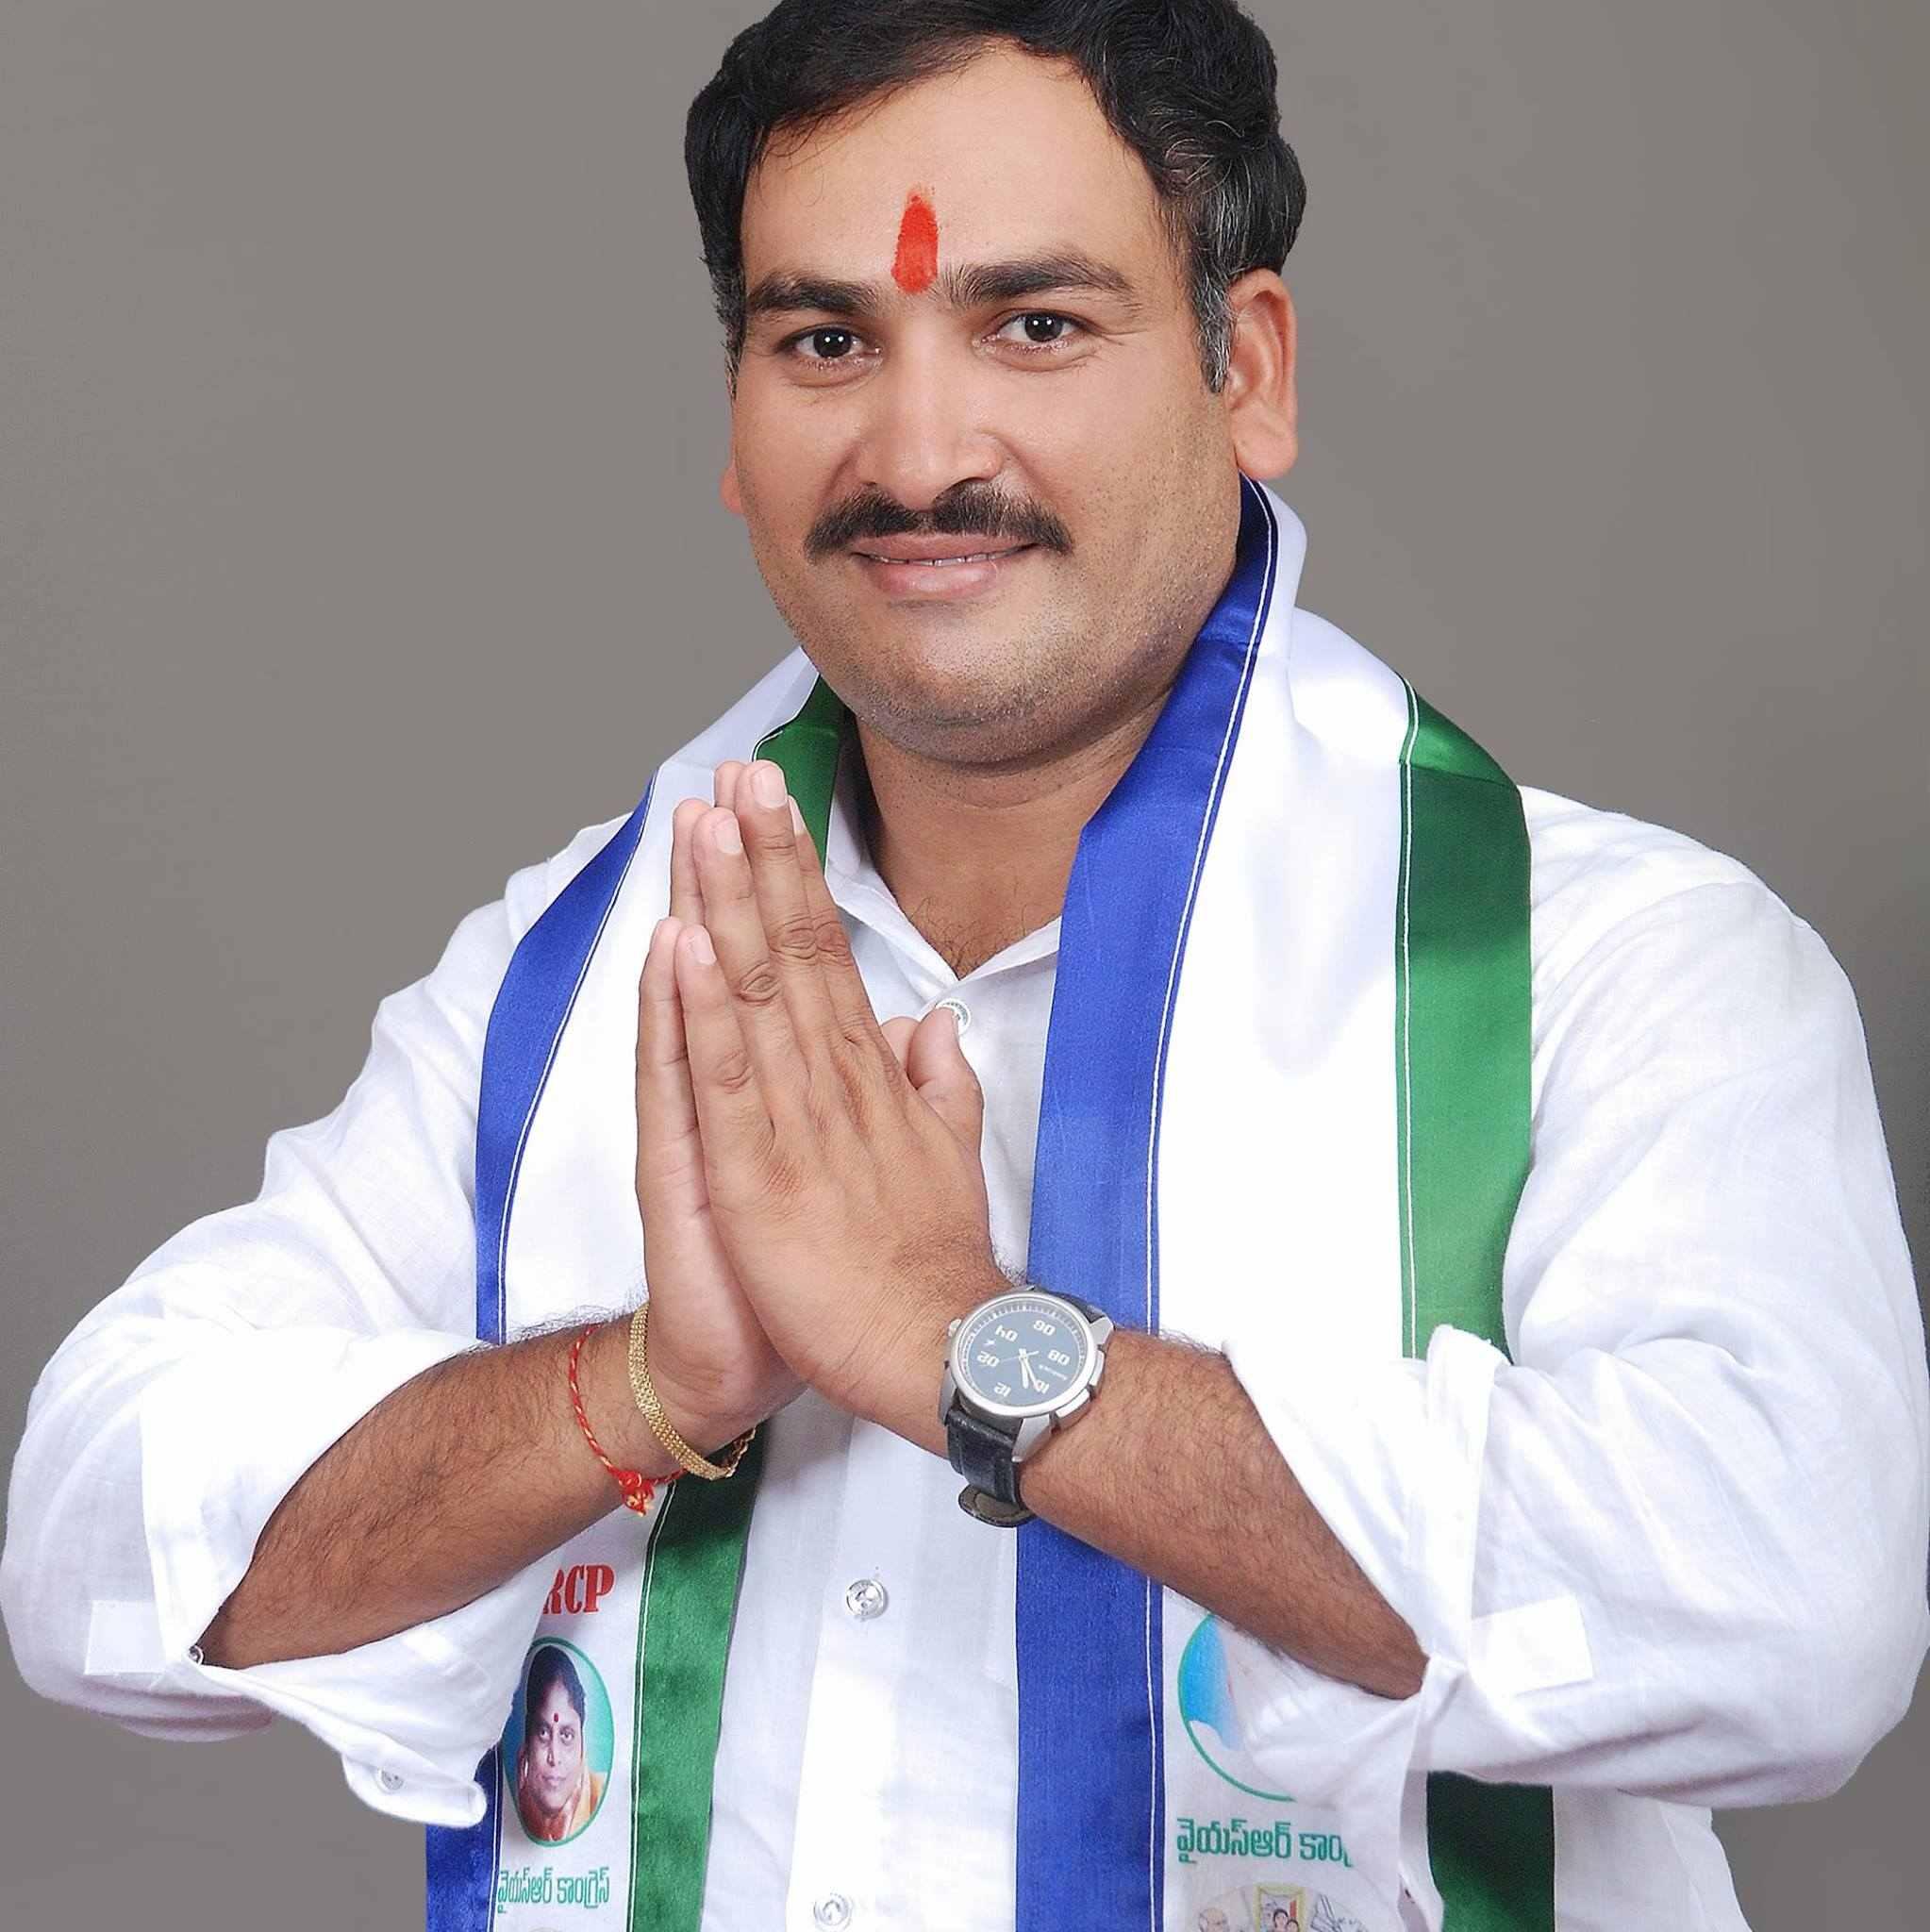 Bhukya Govind Nayak